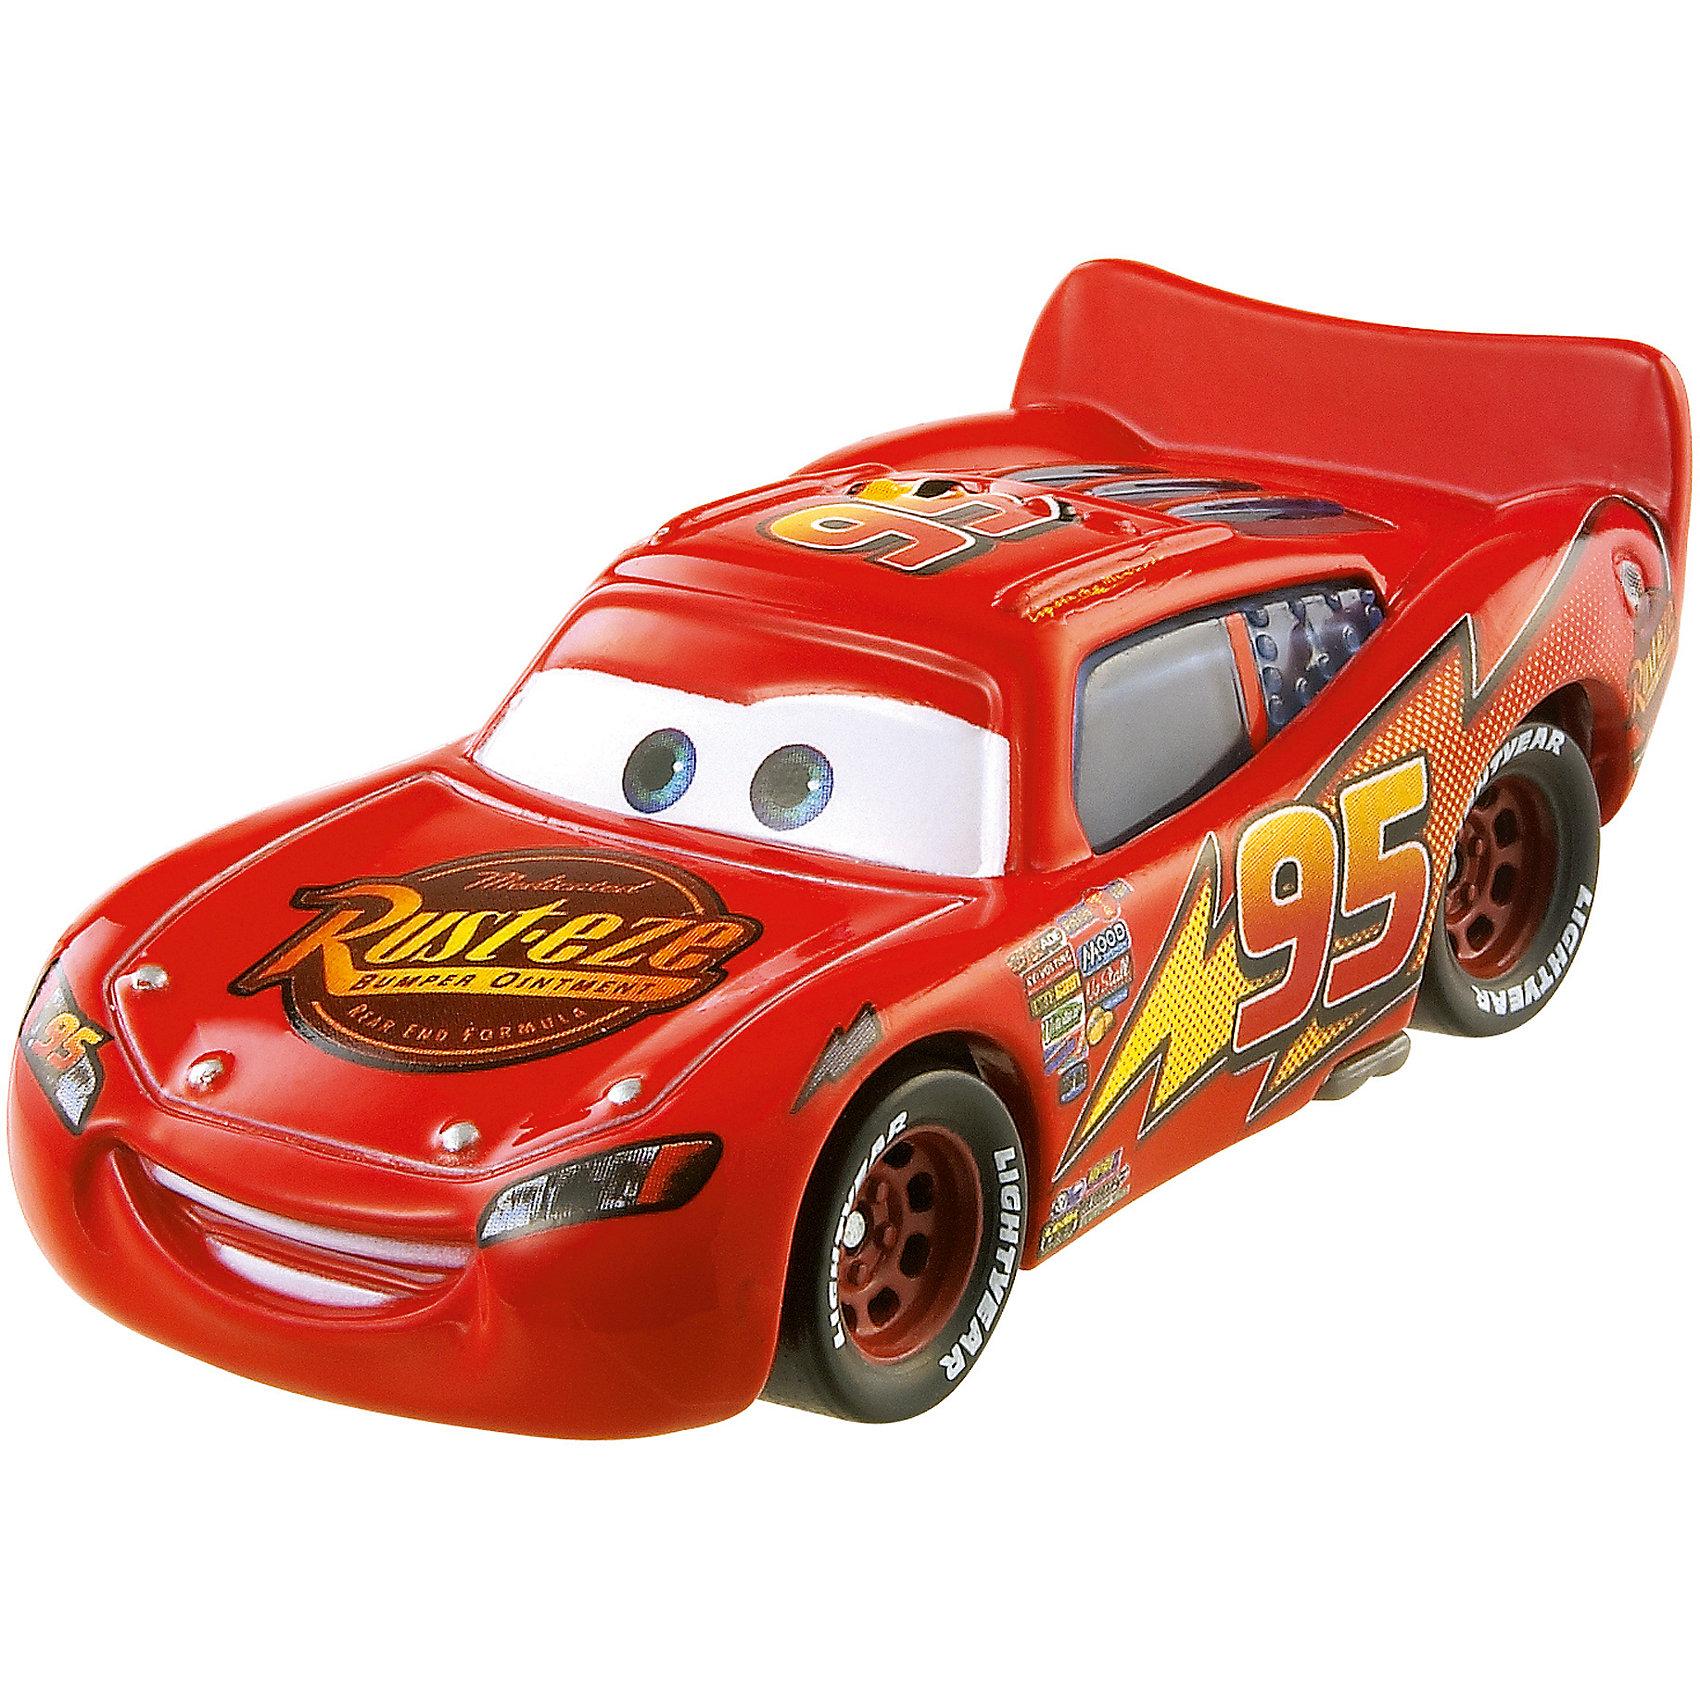 Литая машинка, Тачки-2Литая машинка Делюкс от компании «Mattel» выполнена в виде главного персонажа мультфильма «Тачки 2». Изготовленная из металла в масштабе 1:55 игрушка отличается высокой степенью детализации и качеством исполнения. Завладев несколькими моделями, малыш сможет окунуться в любимый мультипликационный мир, устроить красочные показательные выступления среди машинок-киногероев.<br><br>Дополнительная информация:<br><br>- Материал: металл<br>- В упаковке: 1 шт.<br>- Размер машинки: 8 см.<br><br>Литую машинку, Тачки-2 можно купить в нашем магазине.<br><br>Ширина мм: 135<br>Глубина мм: 45<br>Высота мм: 160<br>Вес г: 80<br>Возраст от месяцев: 36<br>Возраст до месяцев: 72<br>Пол: Мужской<br>Возраст: Детский<br>SKU: 5015784